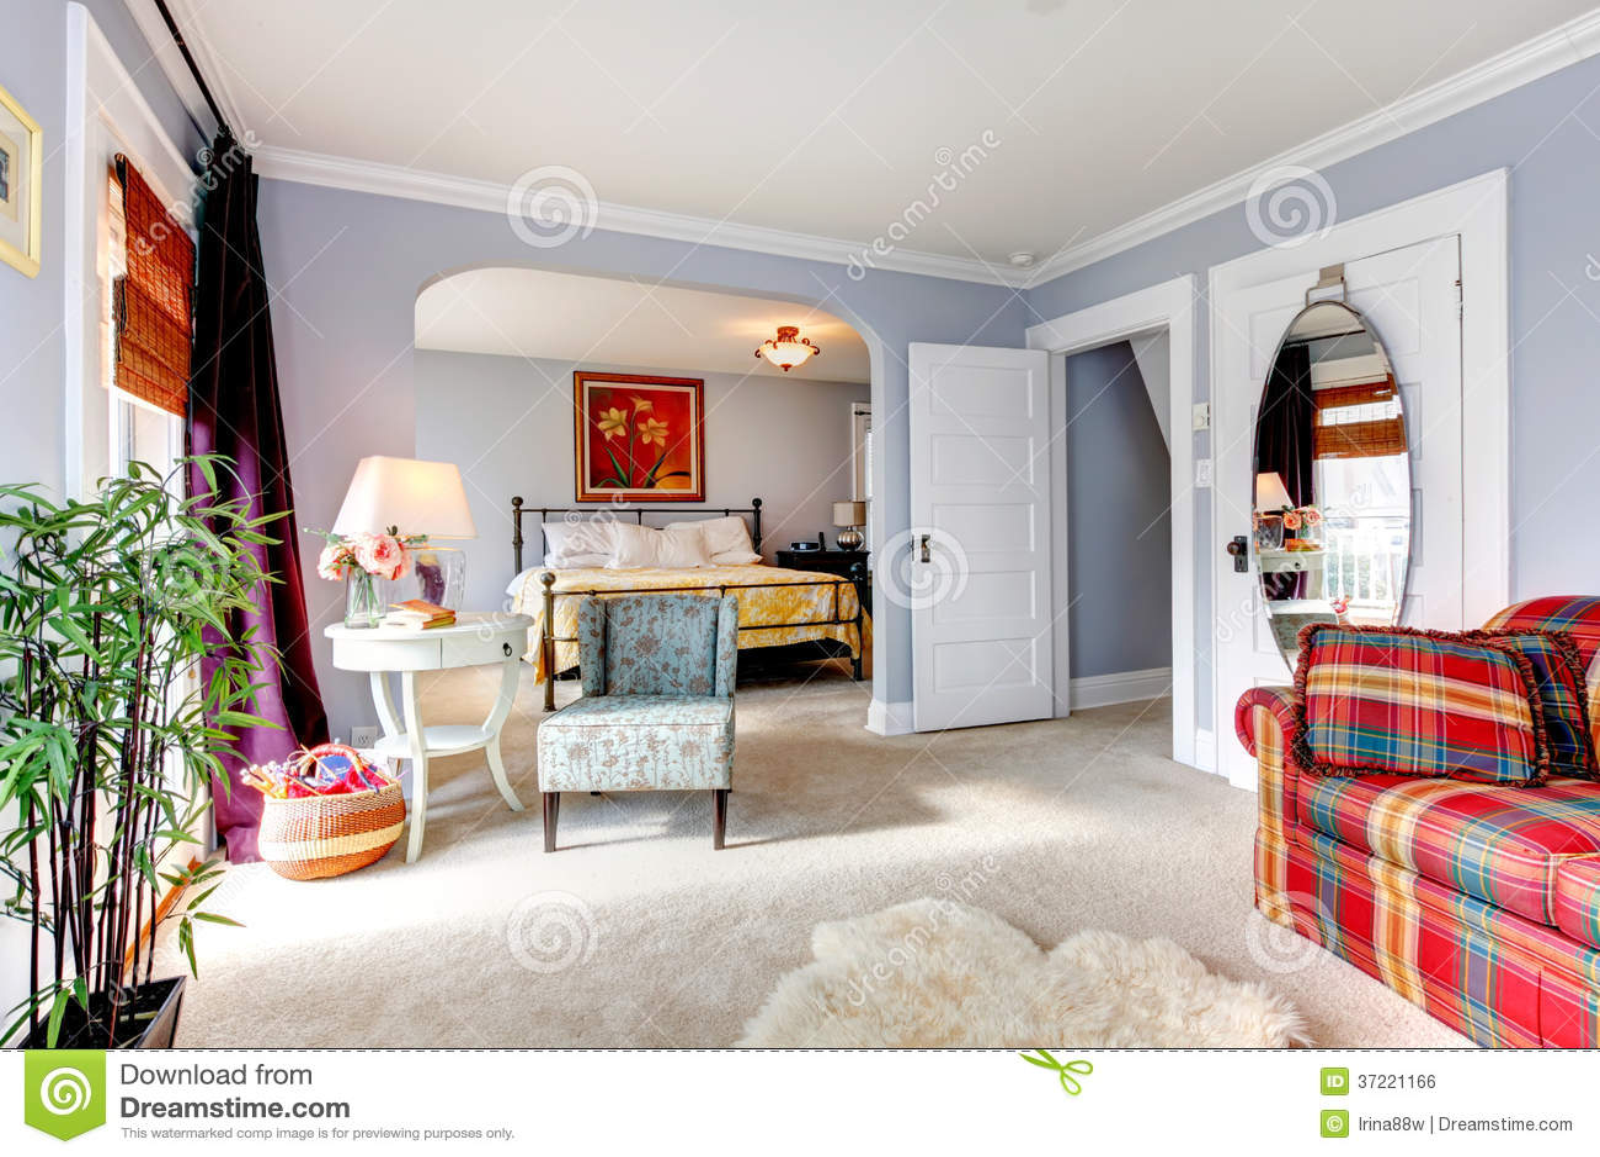 gro e designidee f r schlafzimmer und wohnzimmer lizenzfreies stockbild bild 37221166. Black Bedroom Furniture Sets. Home Design Ideas